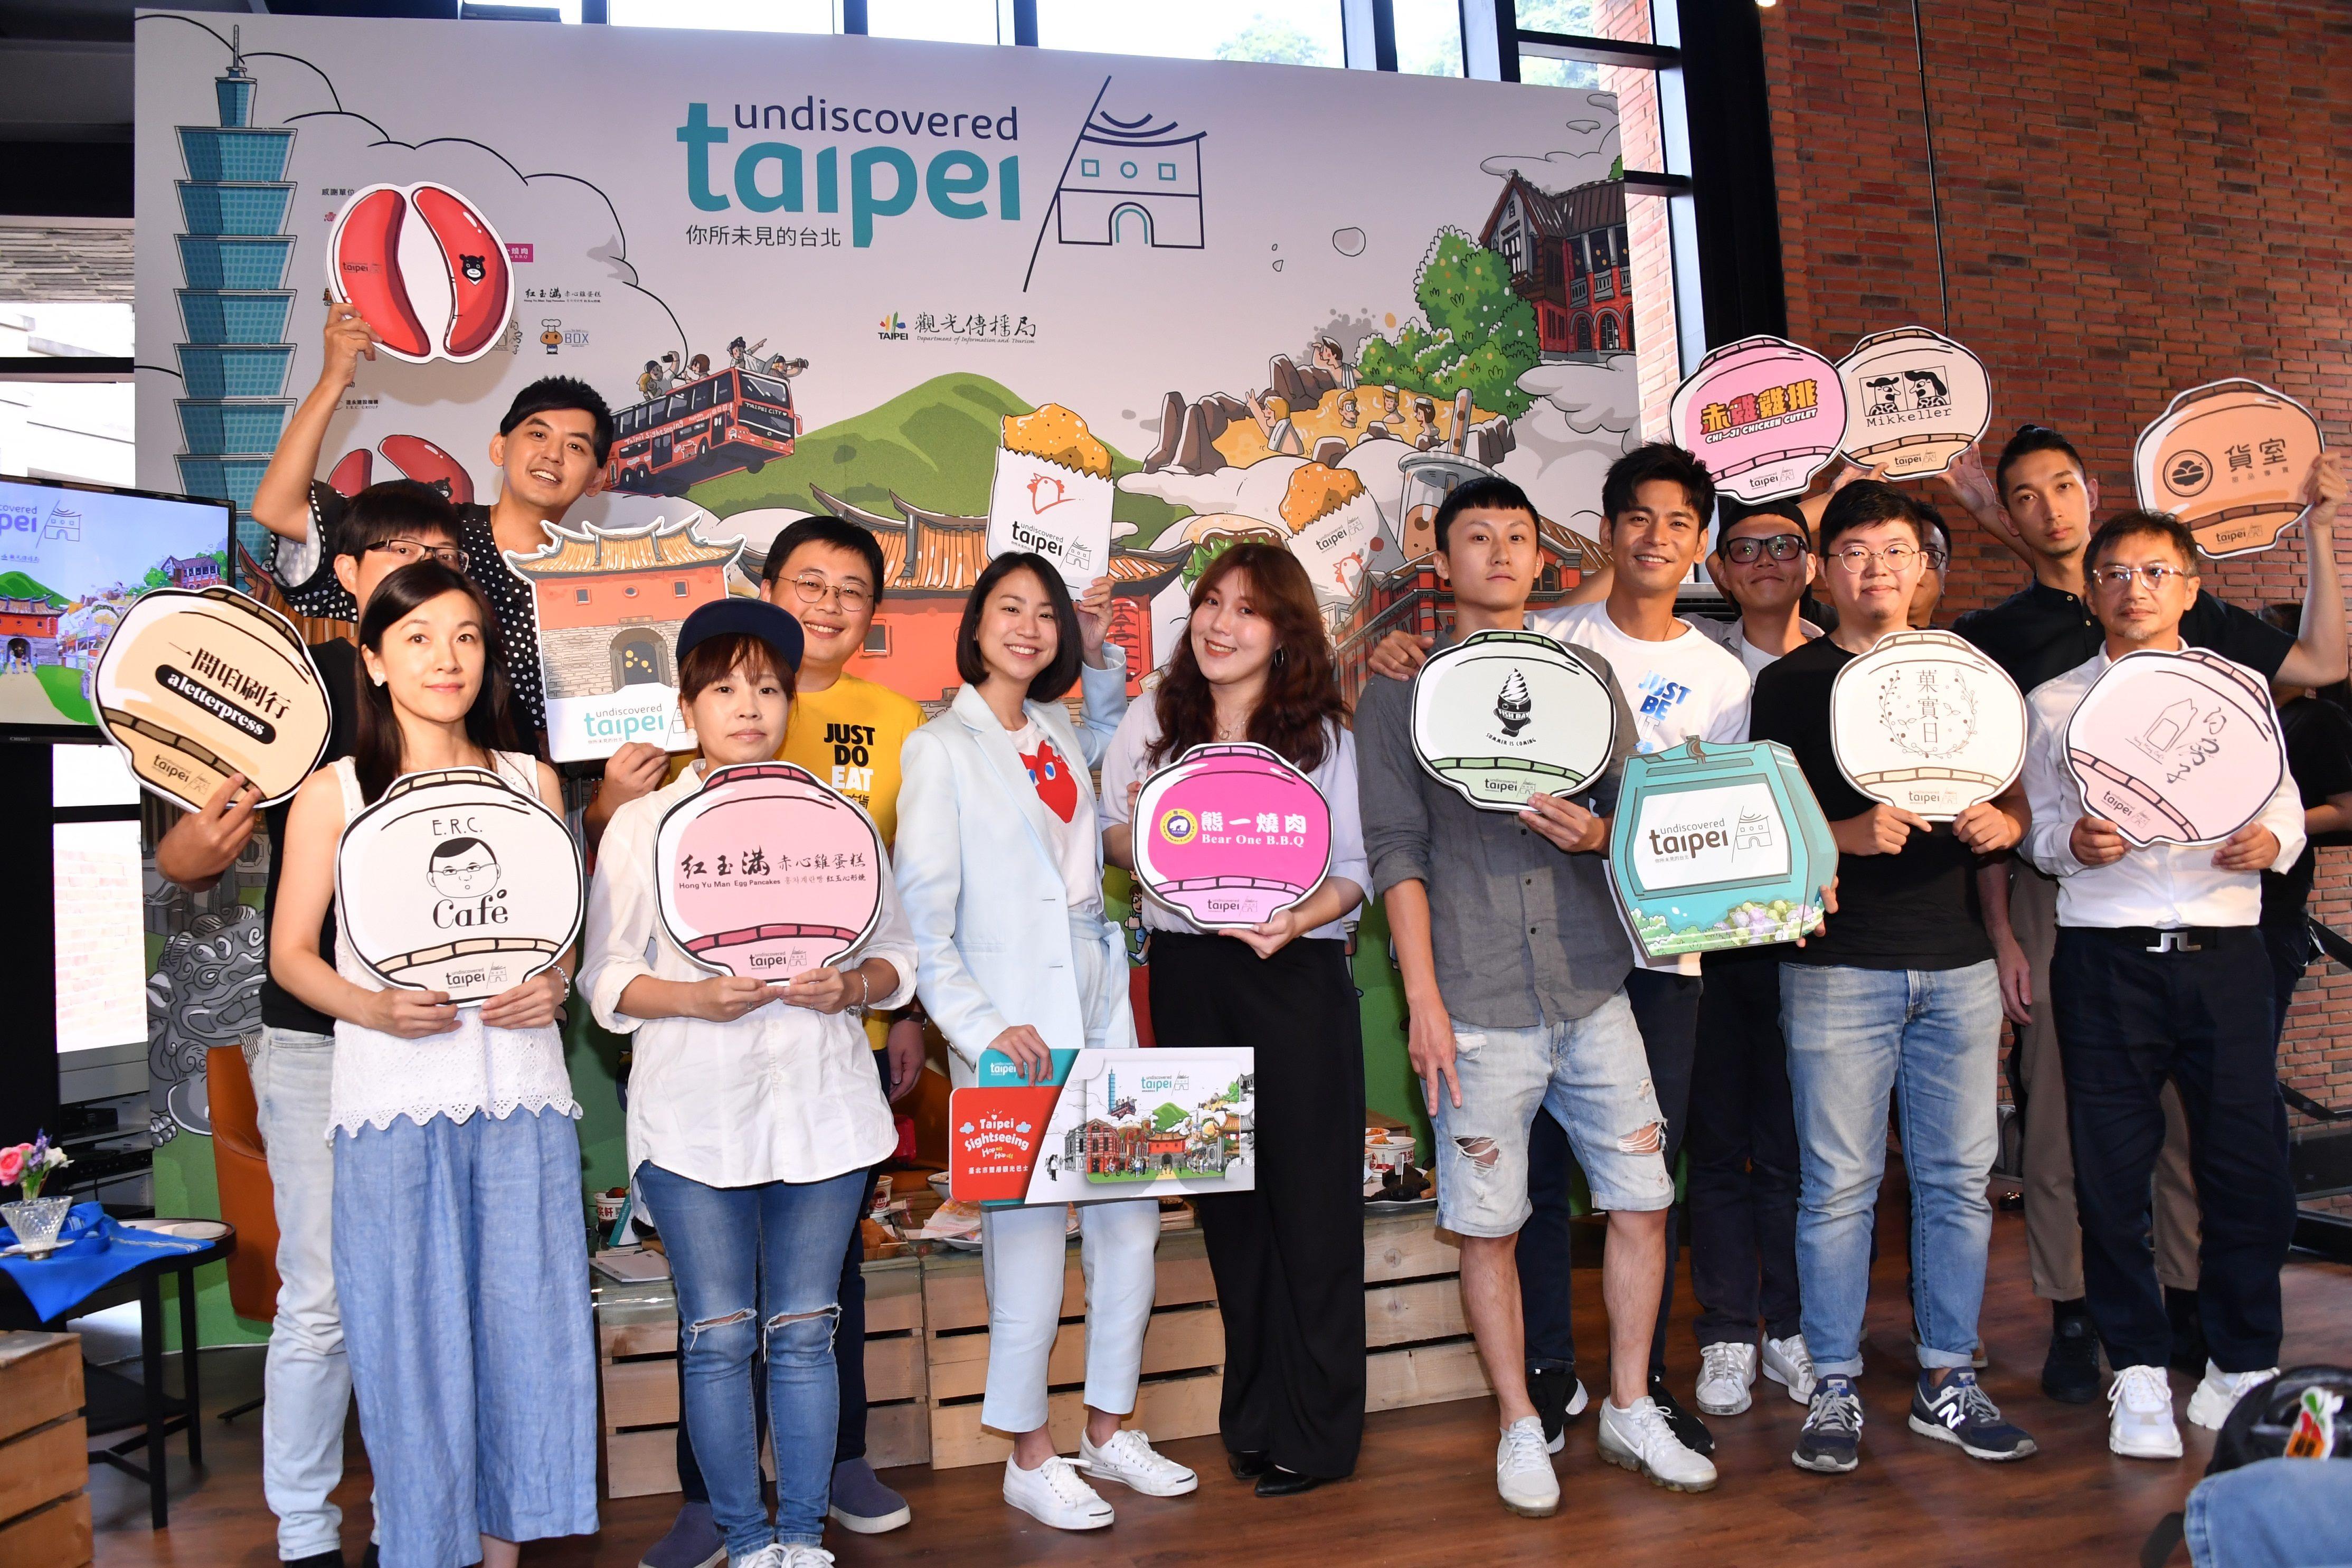 觀傳局聯合臺北知名店家一起向泰國旅客推廣臺北觀光